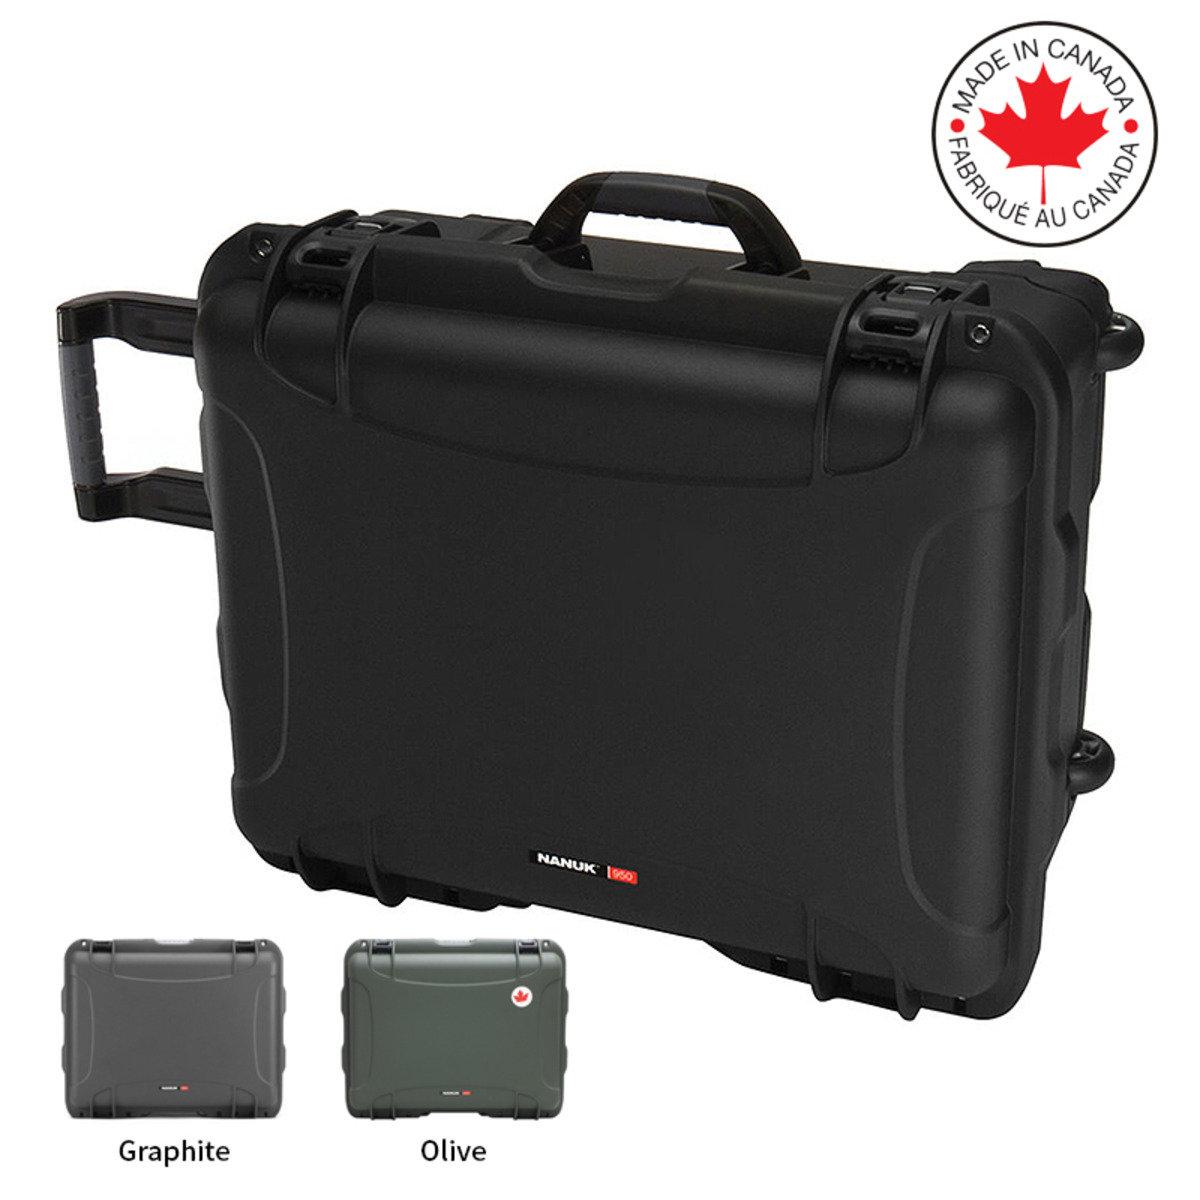 950 多用途三防 拖拉式隔層連海綿保護箱-3色(加拿大製造)